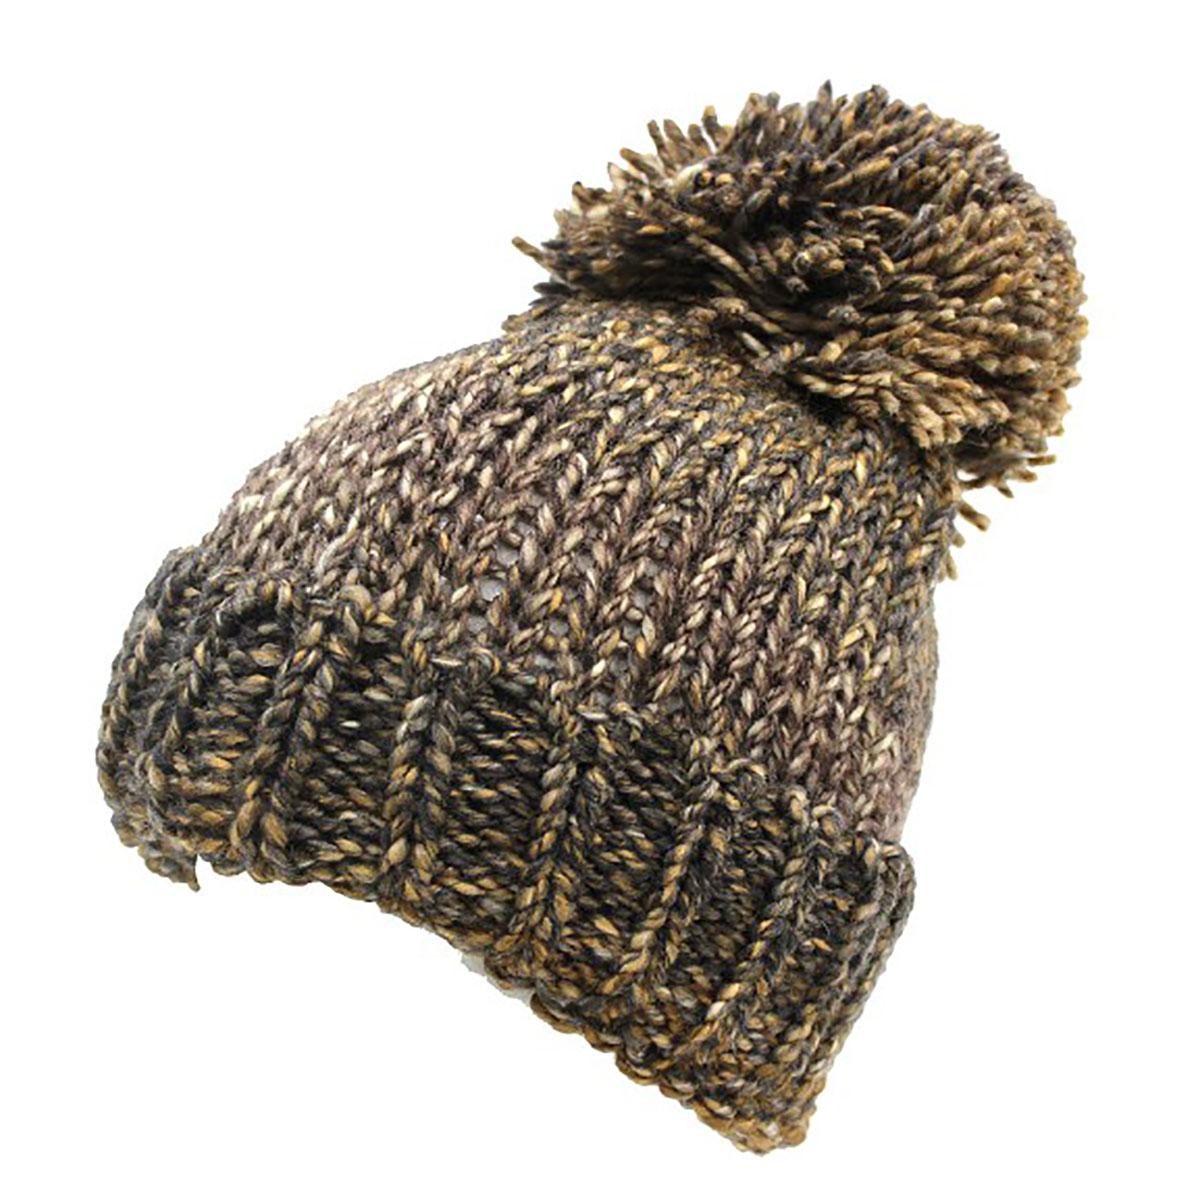 Cappello donna modello cuffia a maglia MADE IN ITALY misto lana 1026d beige 4a879f2fb2d0